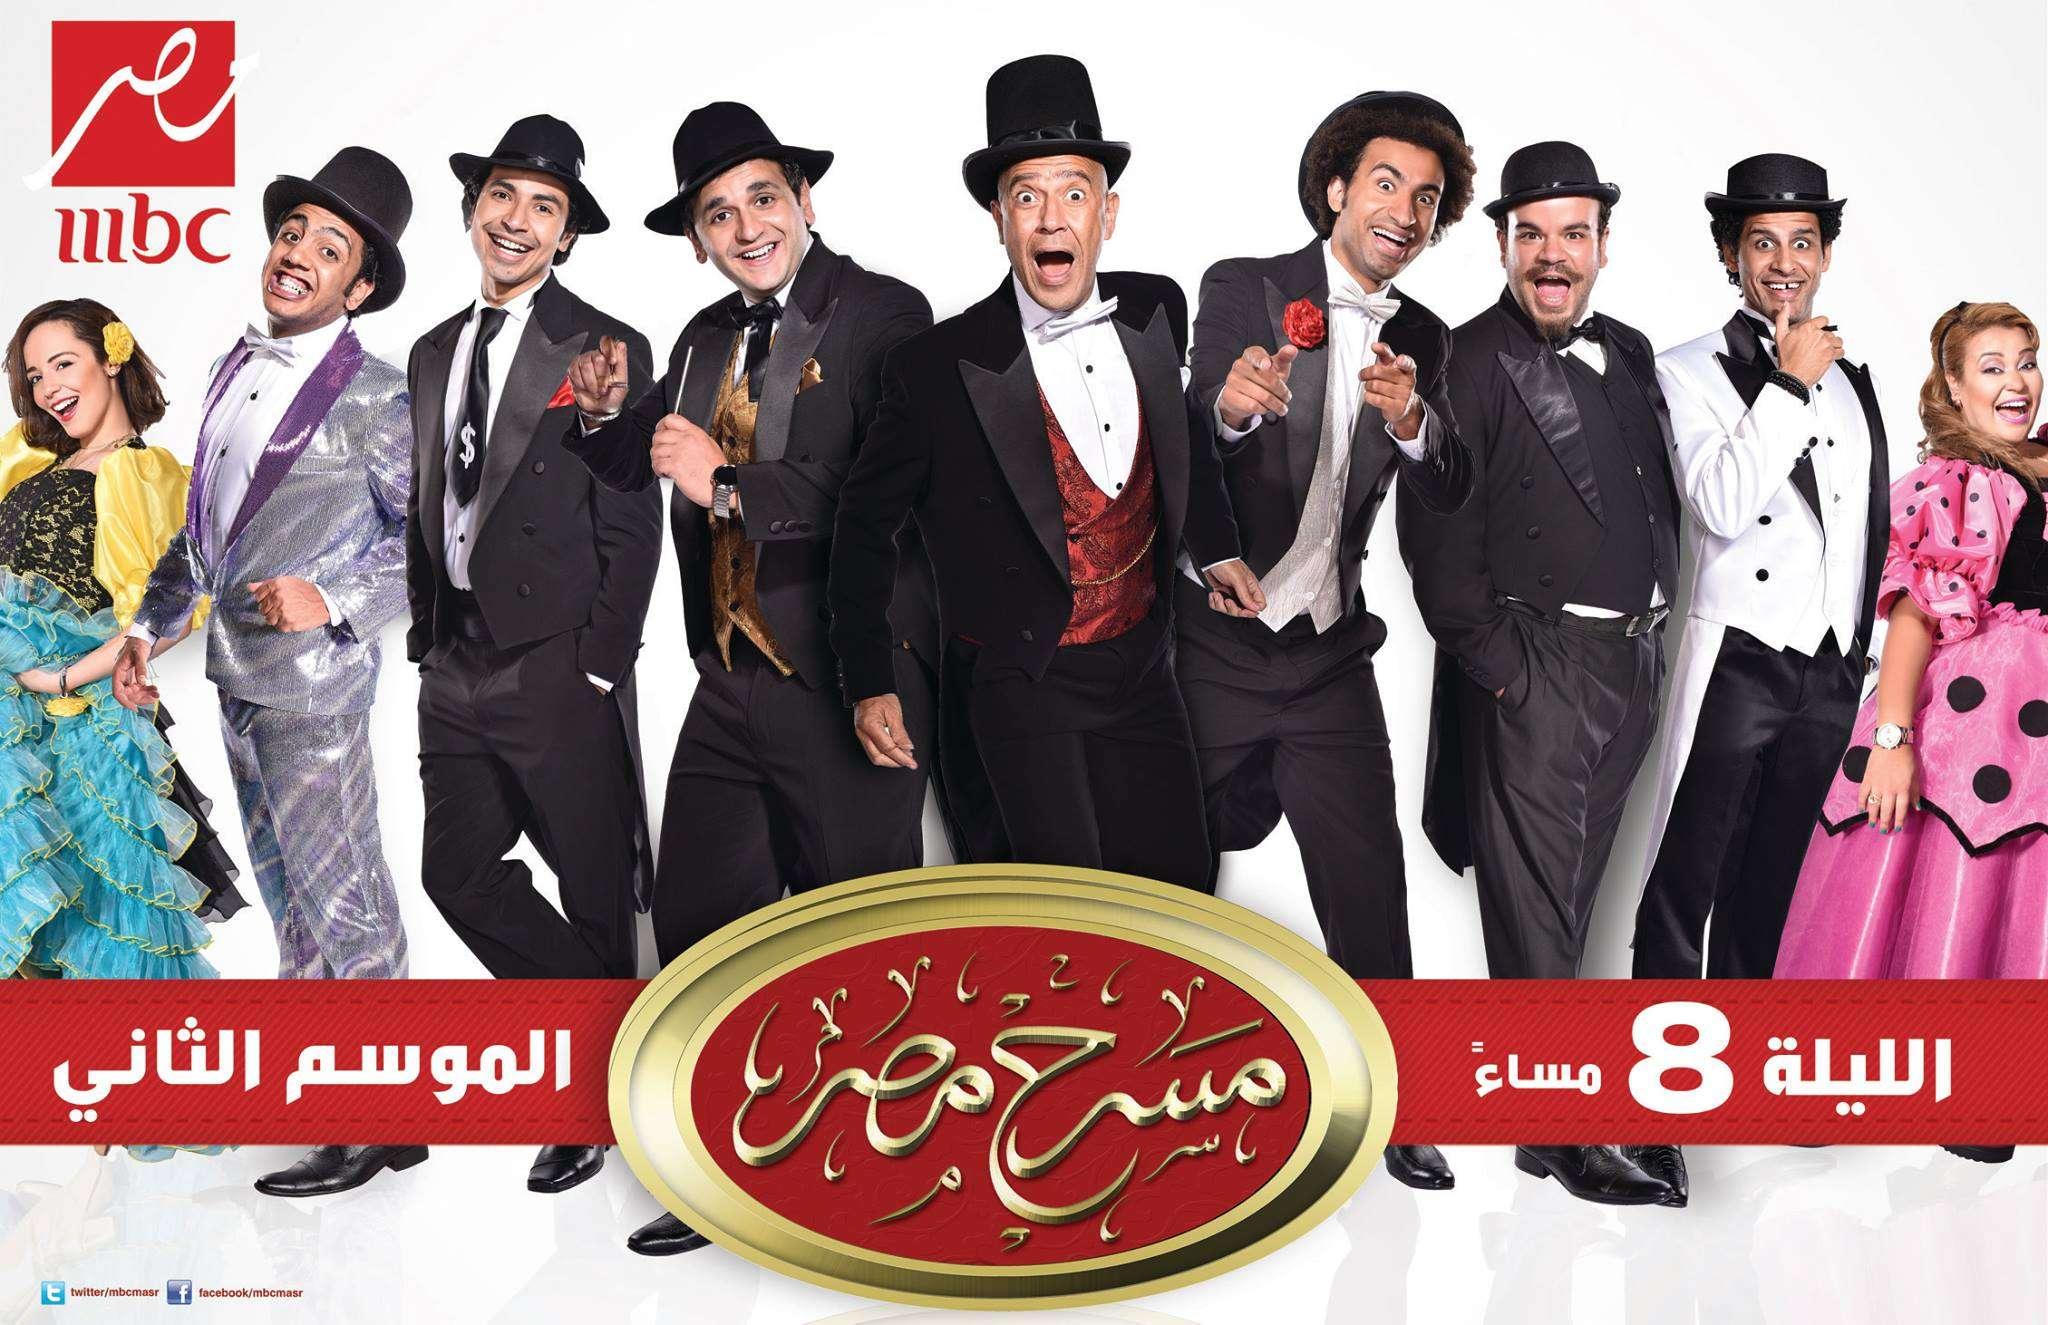 مسرحية مسرح بطوله أشرف الباقي